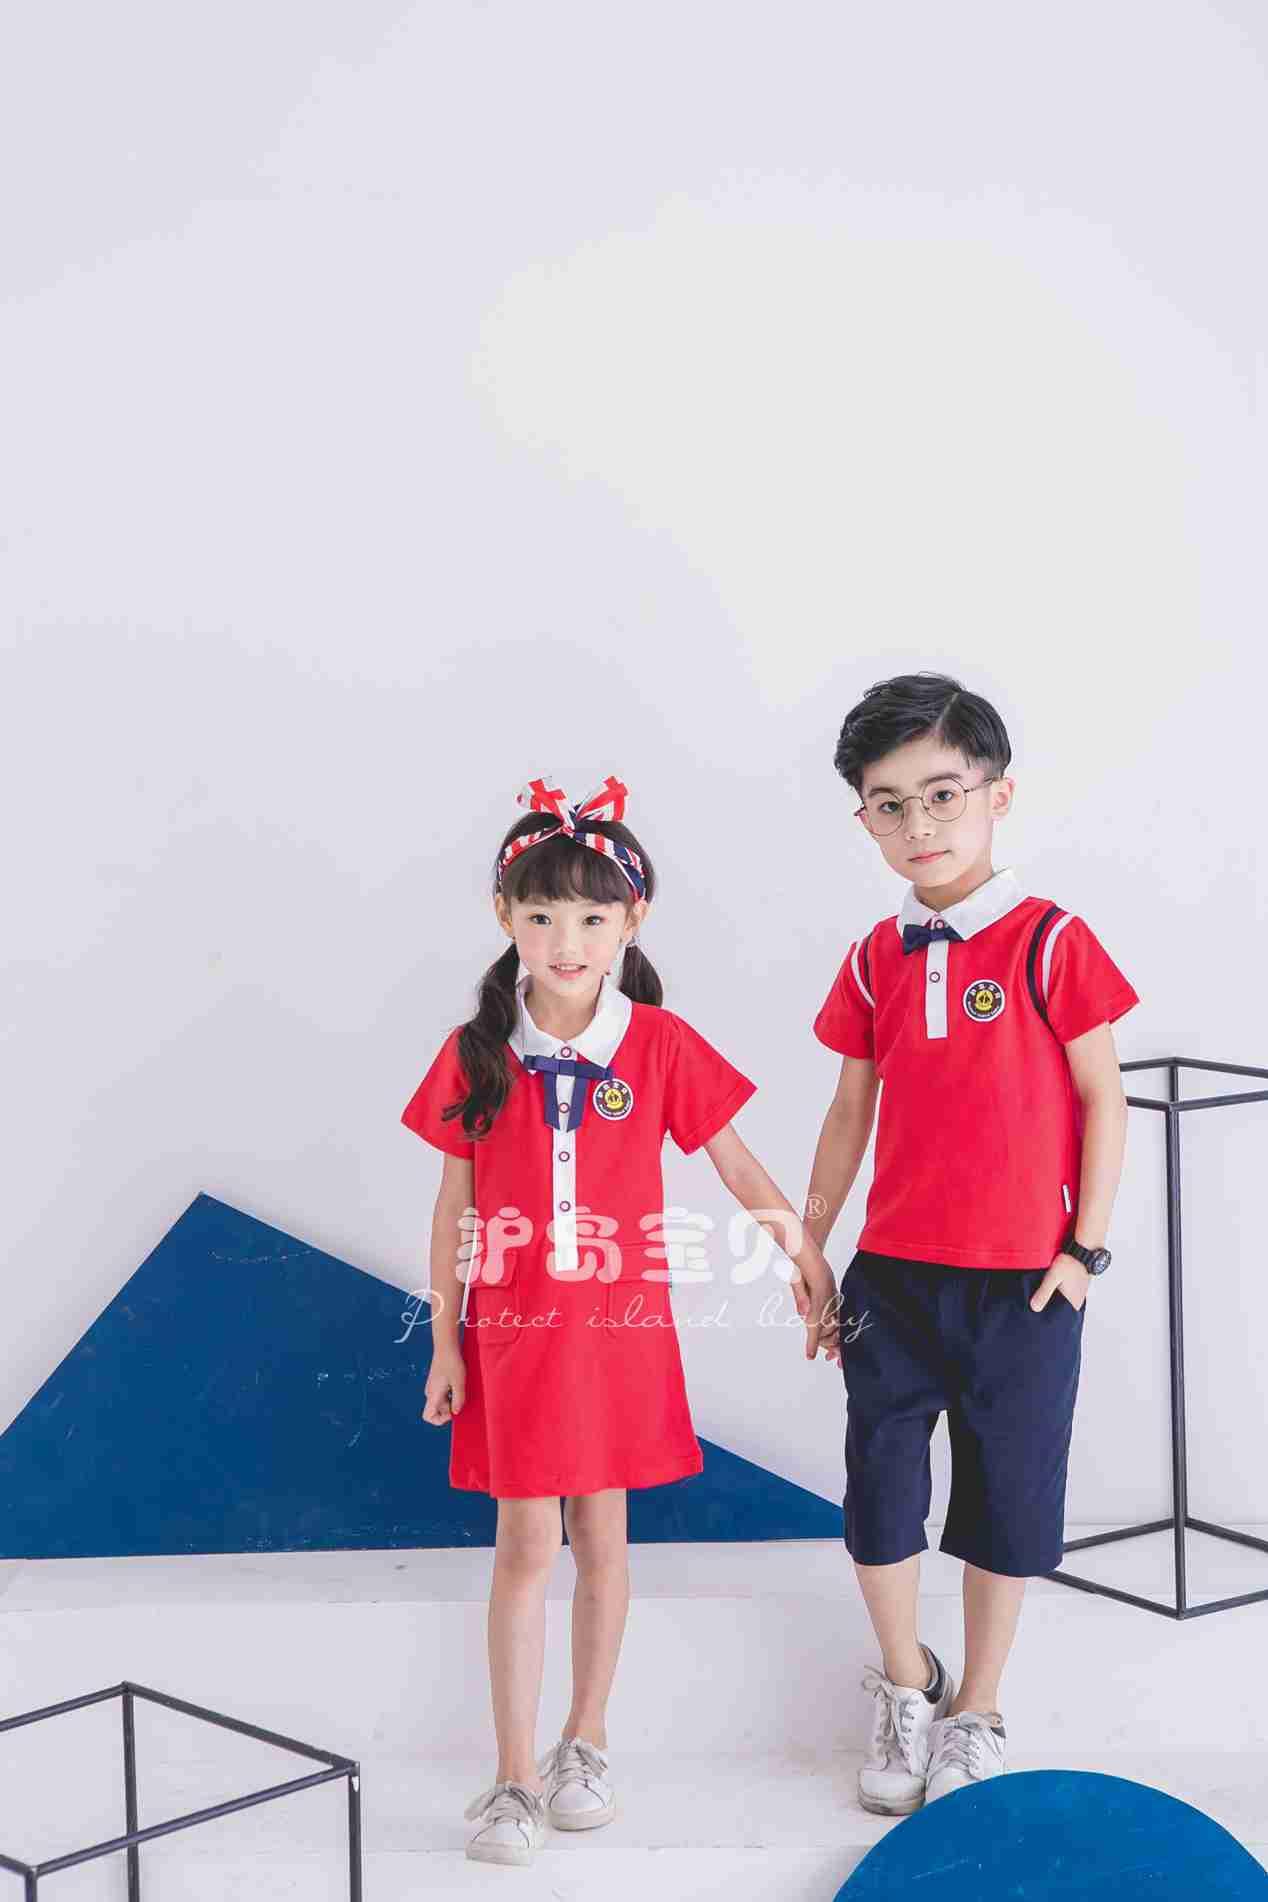 护岛宝贝龙8国际娱乐官网品牌2017年春夏新品